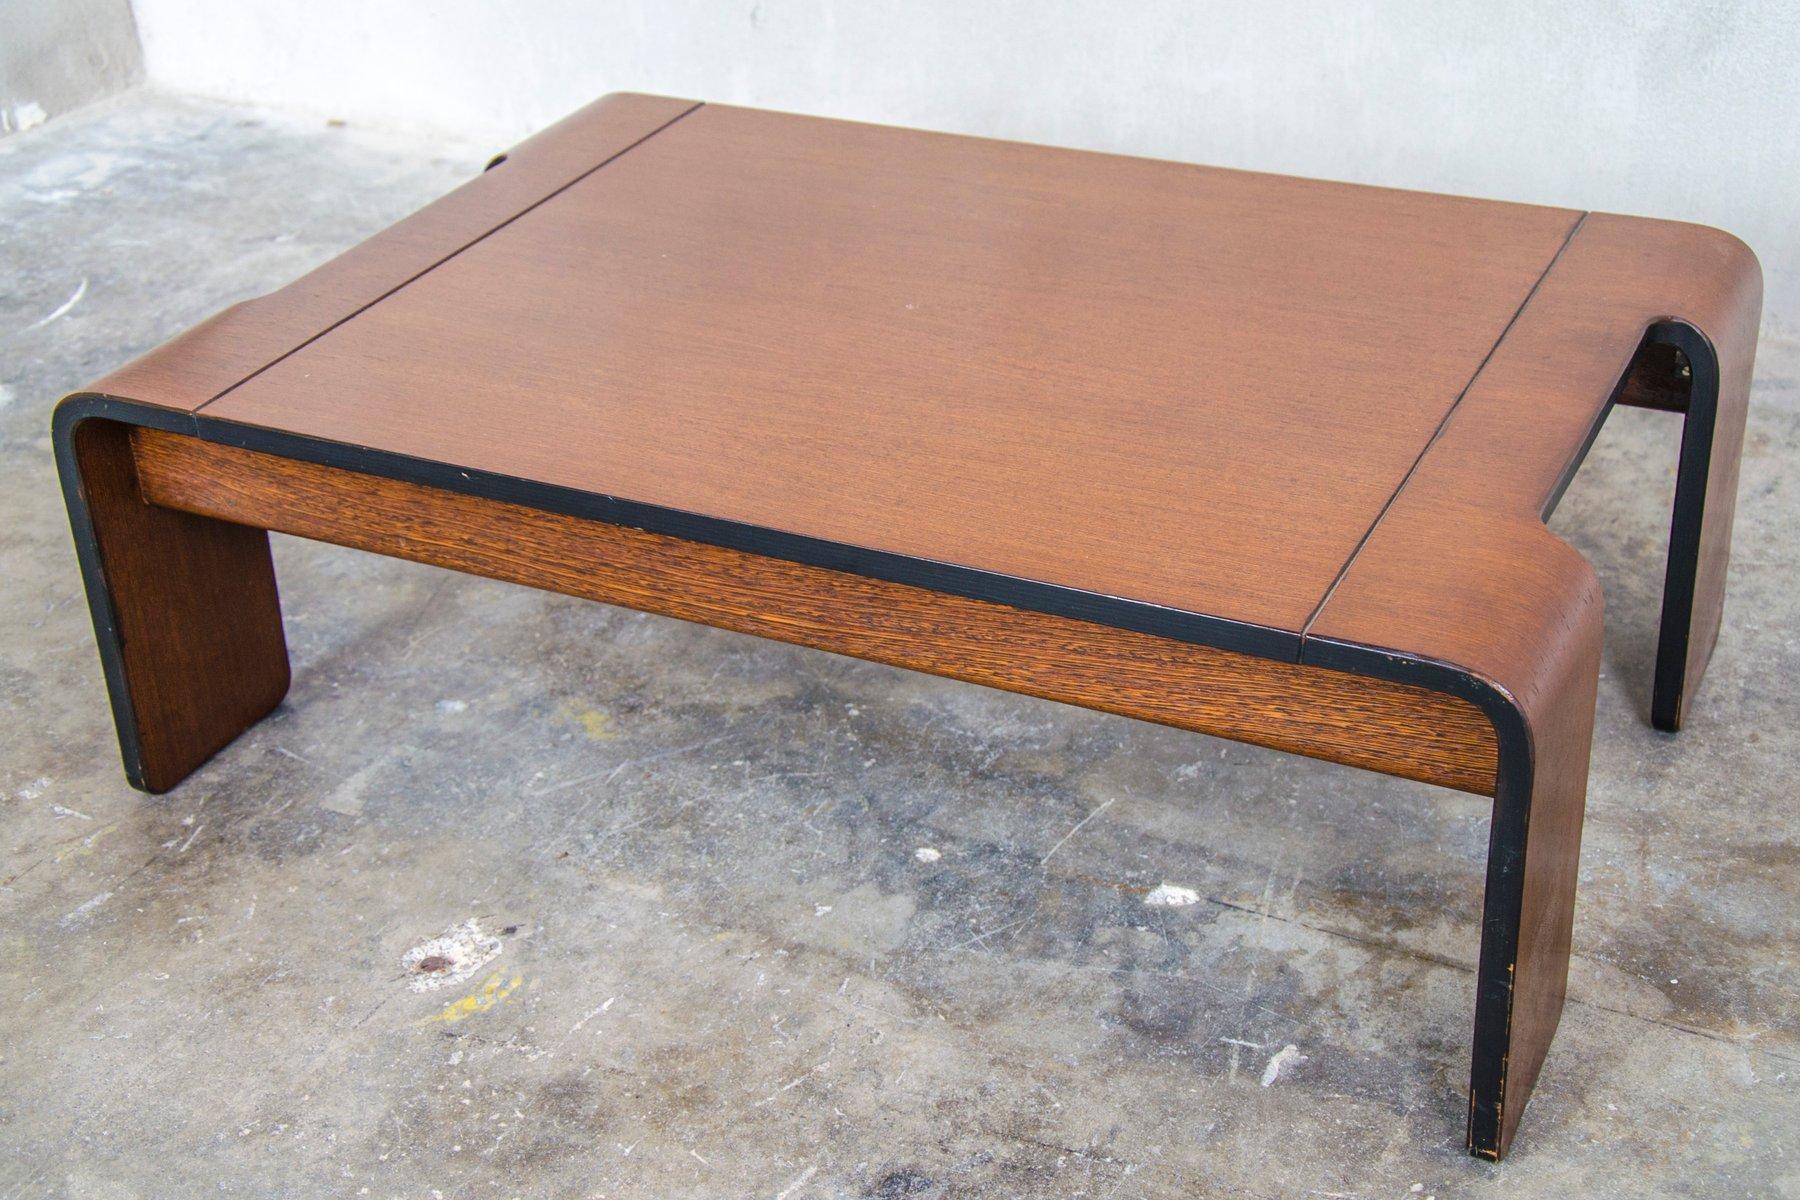 table basse en weng de t spectrum 1970s en vente sur pamono. Black Bedroom Furniture Sets. Home Design Ideas